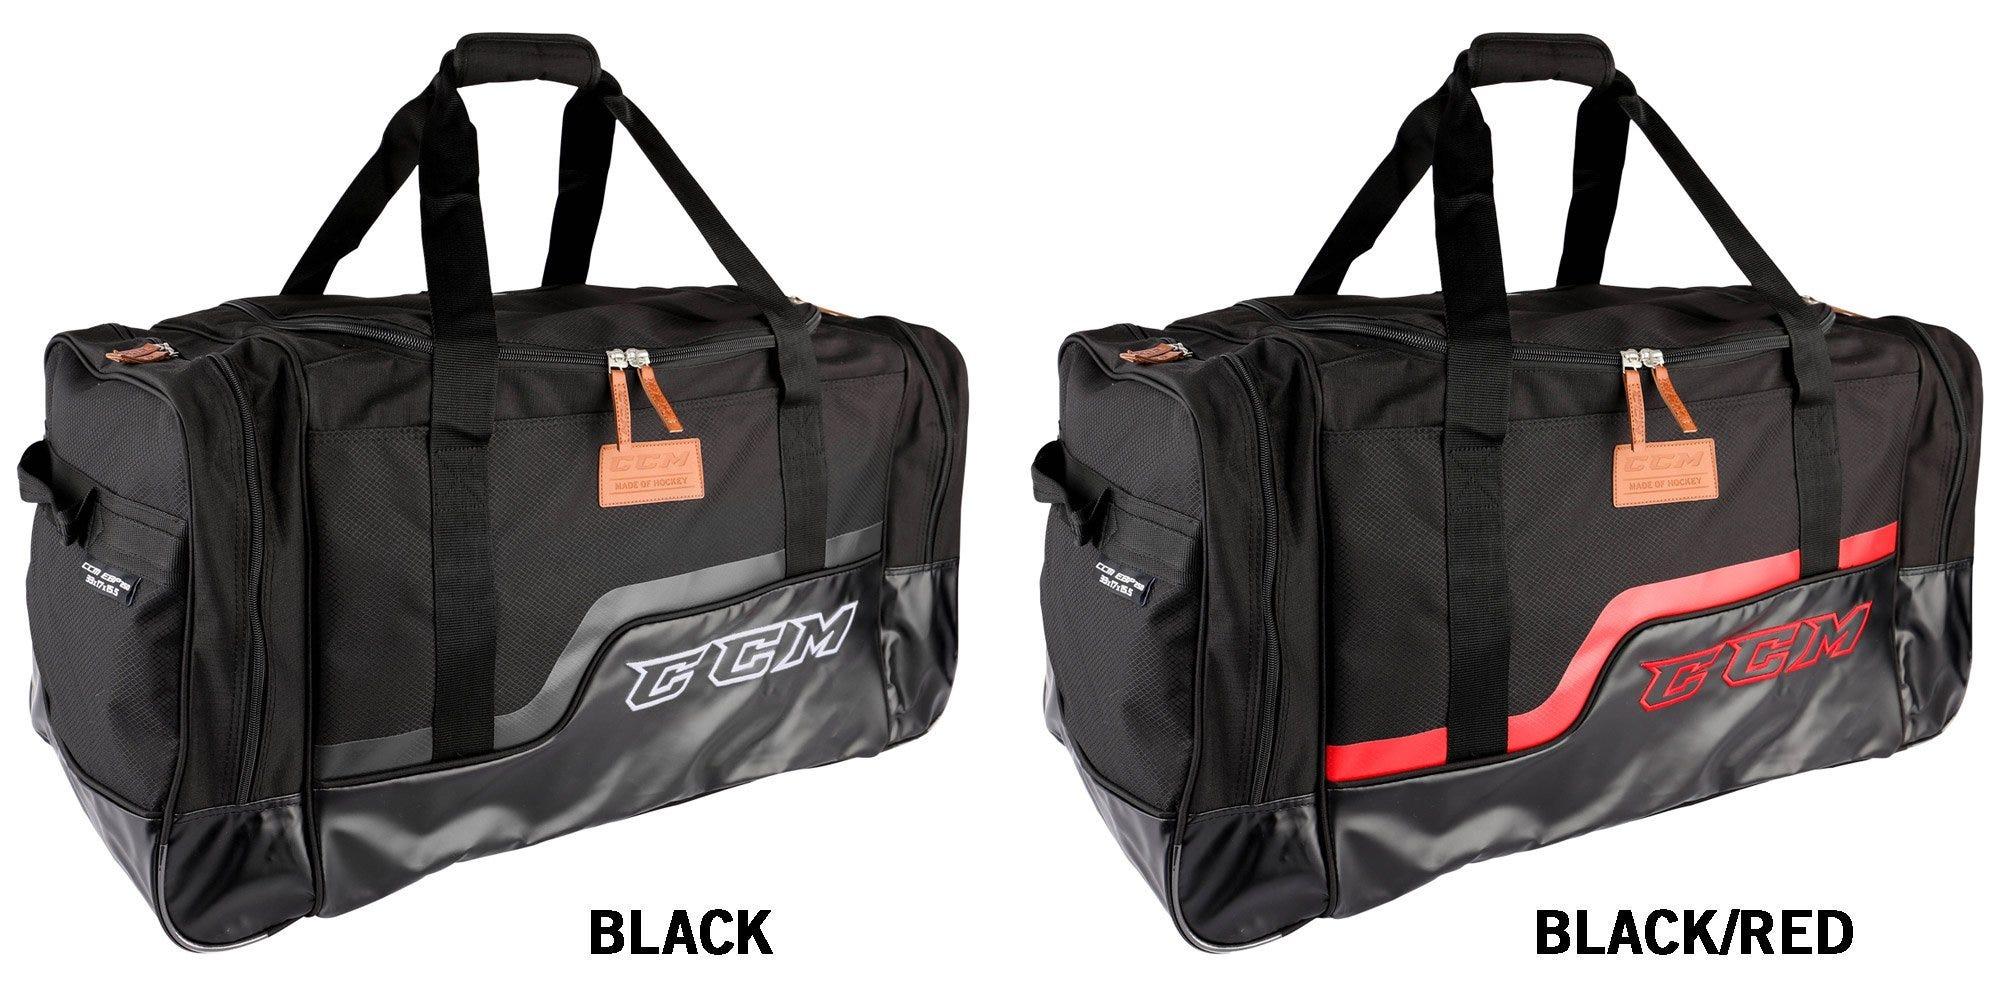 Deluxe Carry Equipment Bag